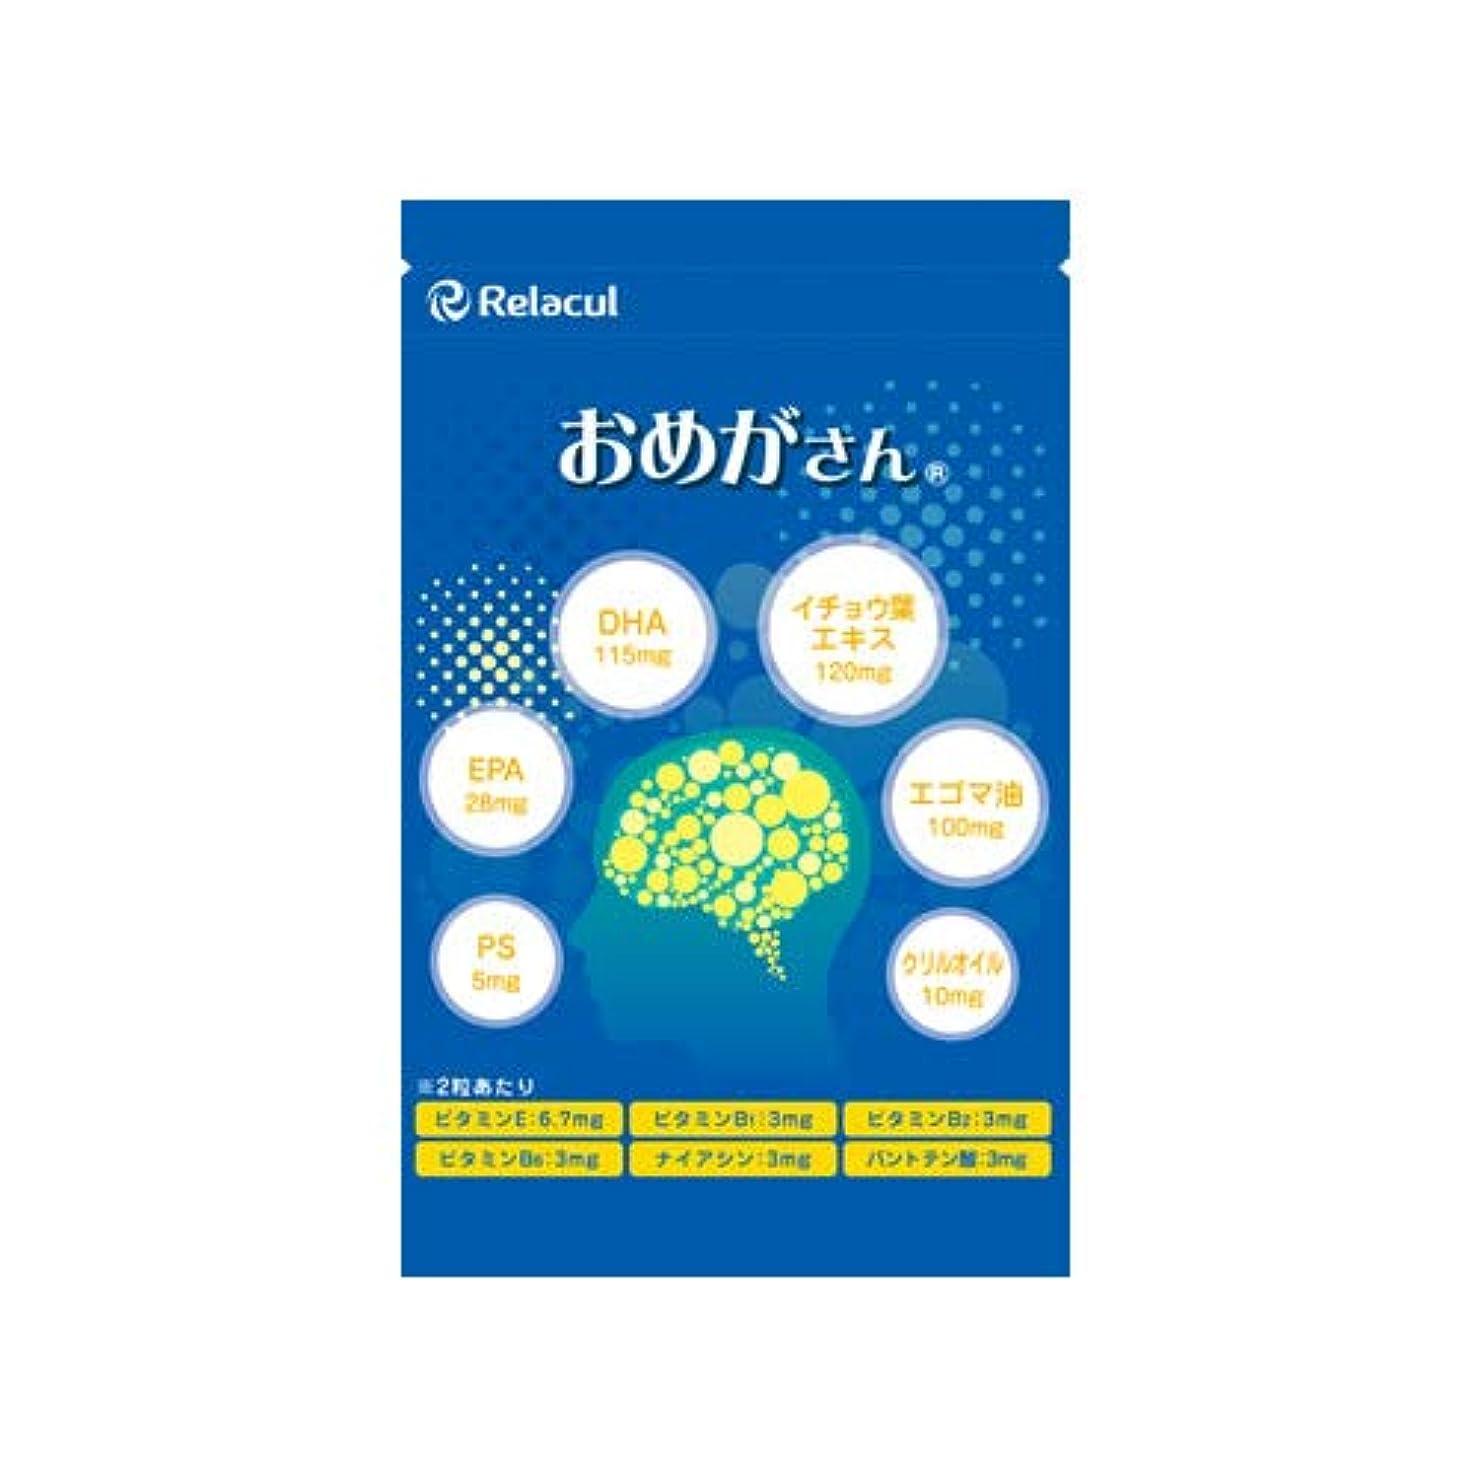 しばしば改修するアプローチオメガ3脂肪酸 DHA EPA サプリ ( 日本製 ) うっかり 対策 サプリメント [偏った食生活に] フィッシュオイル イチョウ葉エキス エゴマ油 クリルオイル [ おめがさん 1袋 ] 60粒入 (約1か月分)